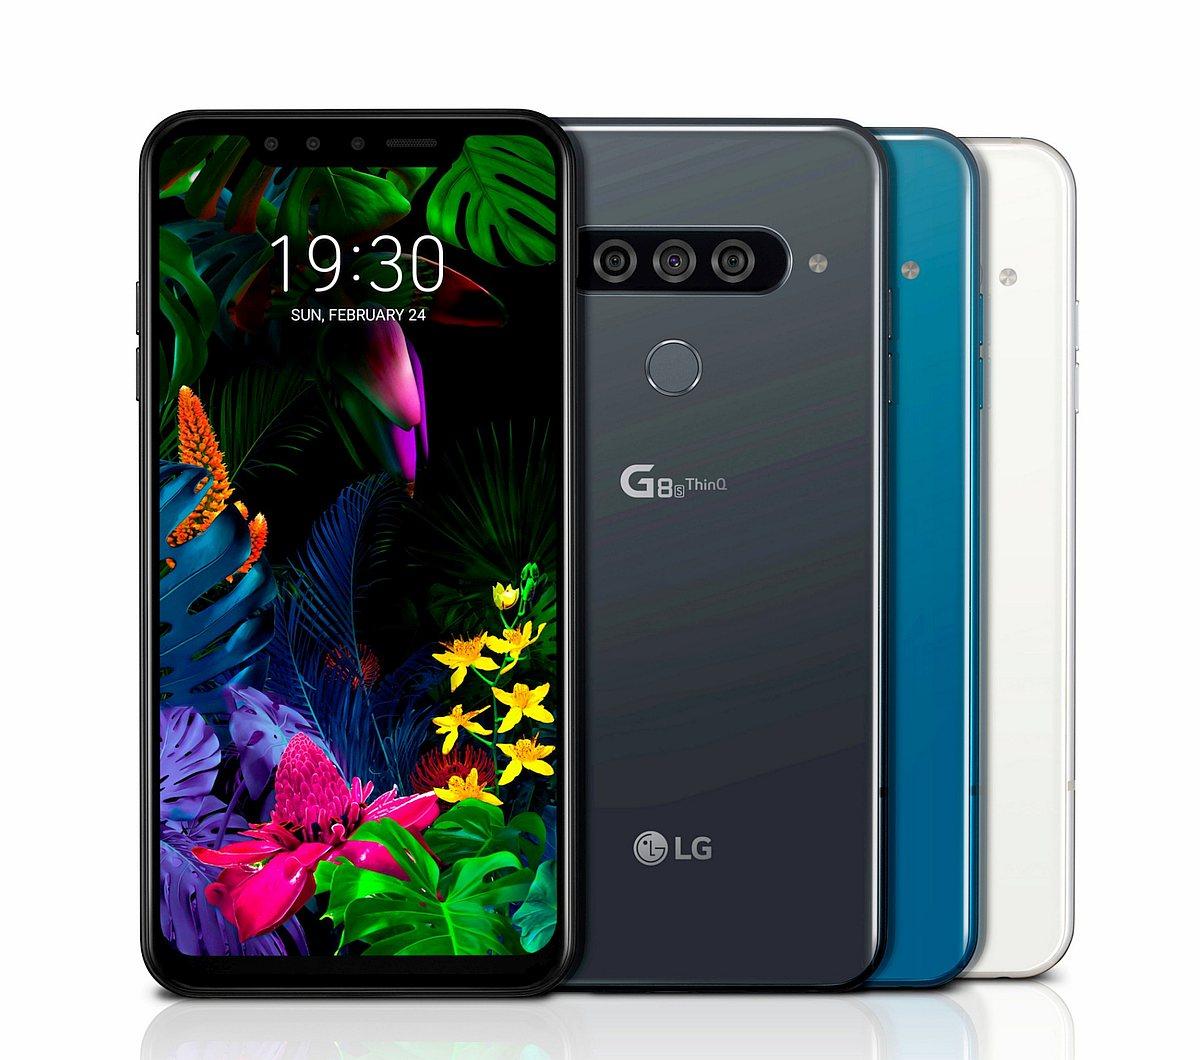 LG G8s ThinQ Range